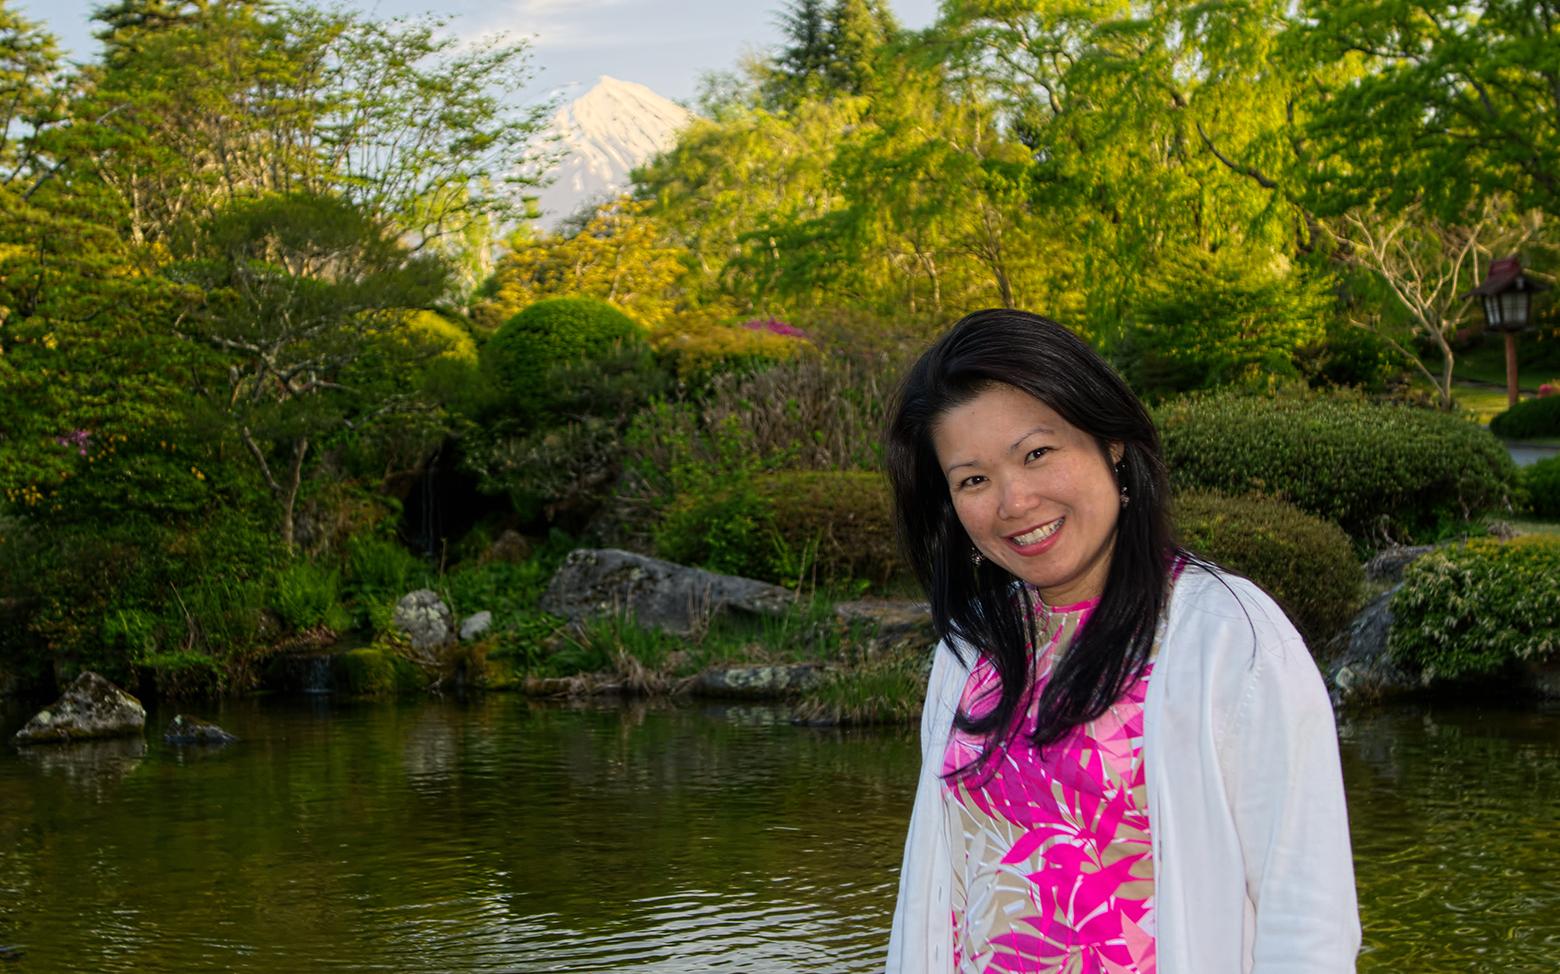 Anna Leung - Email - anna@aspenimpact.com